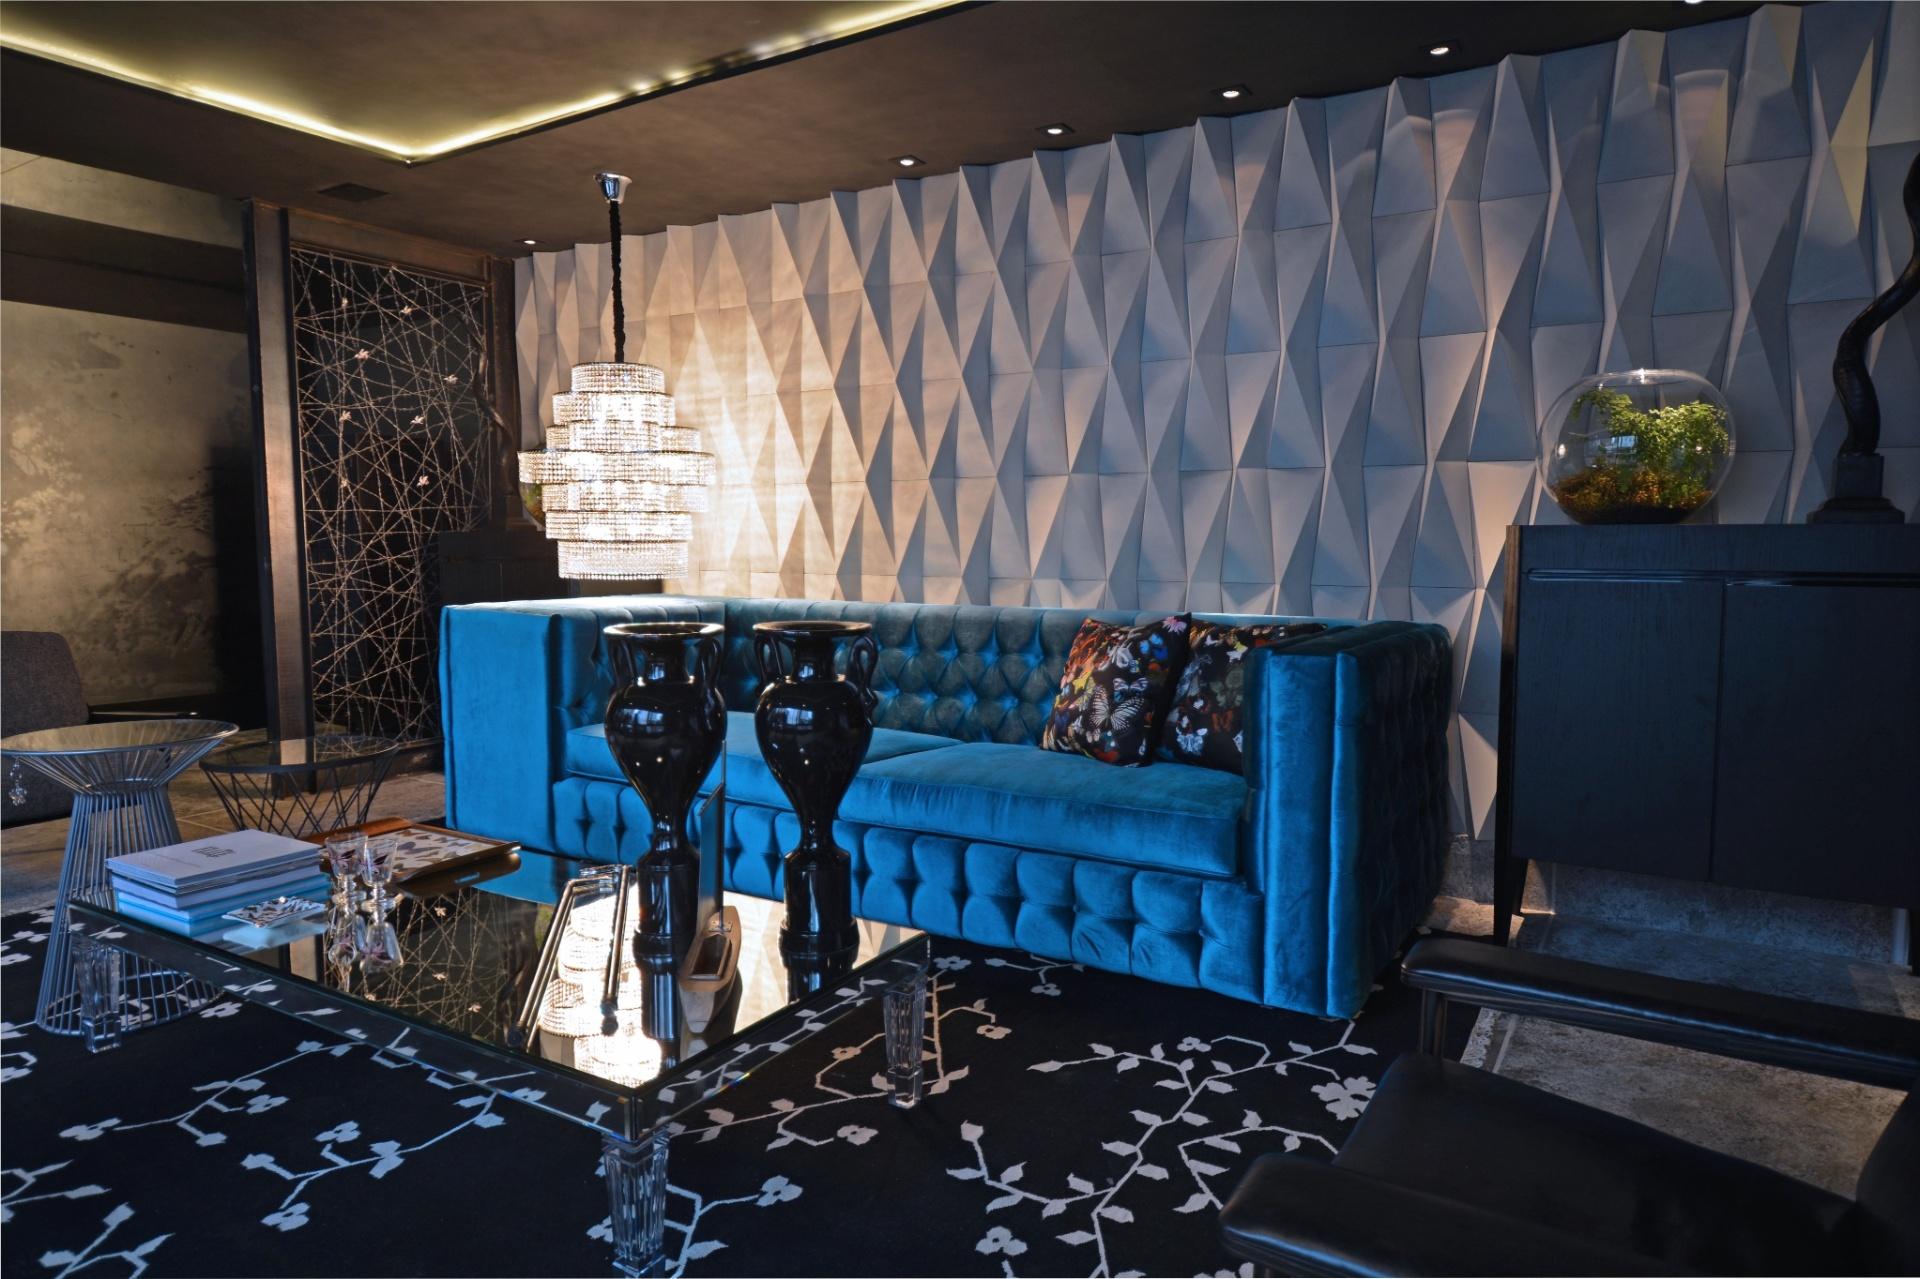 Rogério Pandolfo assina o living Liberte-se e Dê Asas a sua Imaginação. No ambiente, o preto e o cinza predominam nas peças e acabamentos, com exceção do tom azulado do sofá. Atrás do móvel, o painel cimentício (Castelatto) em relevo